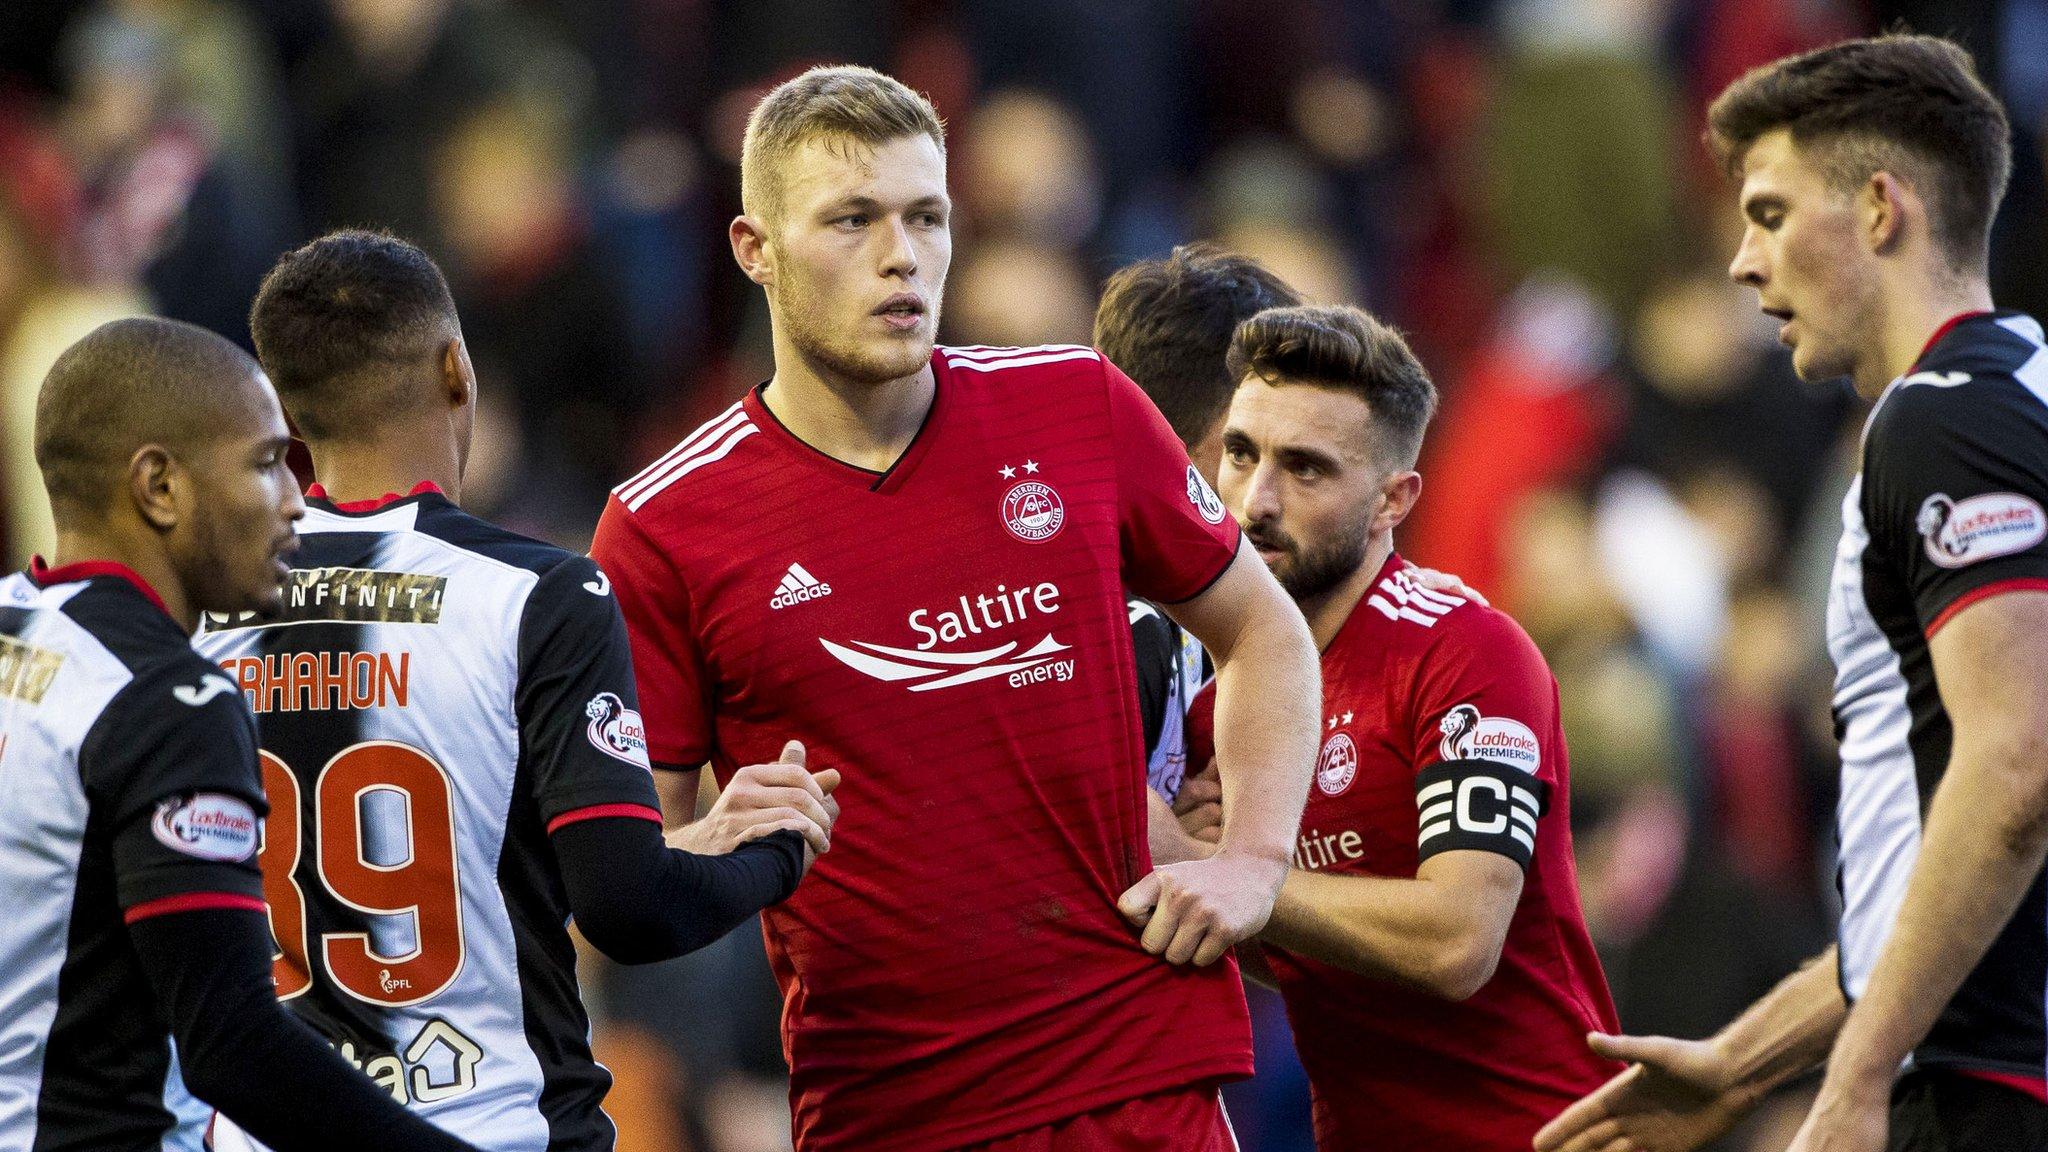 Aberdeen 2-2 St Mirren: Cosgrove equaliser denies St Mirren crucial win